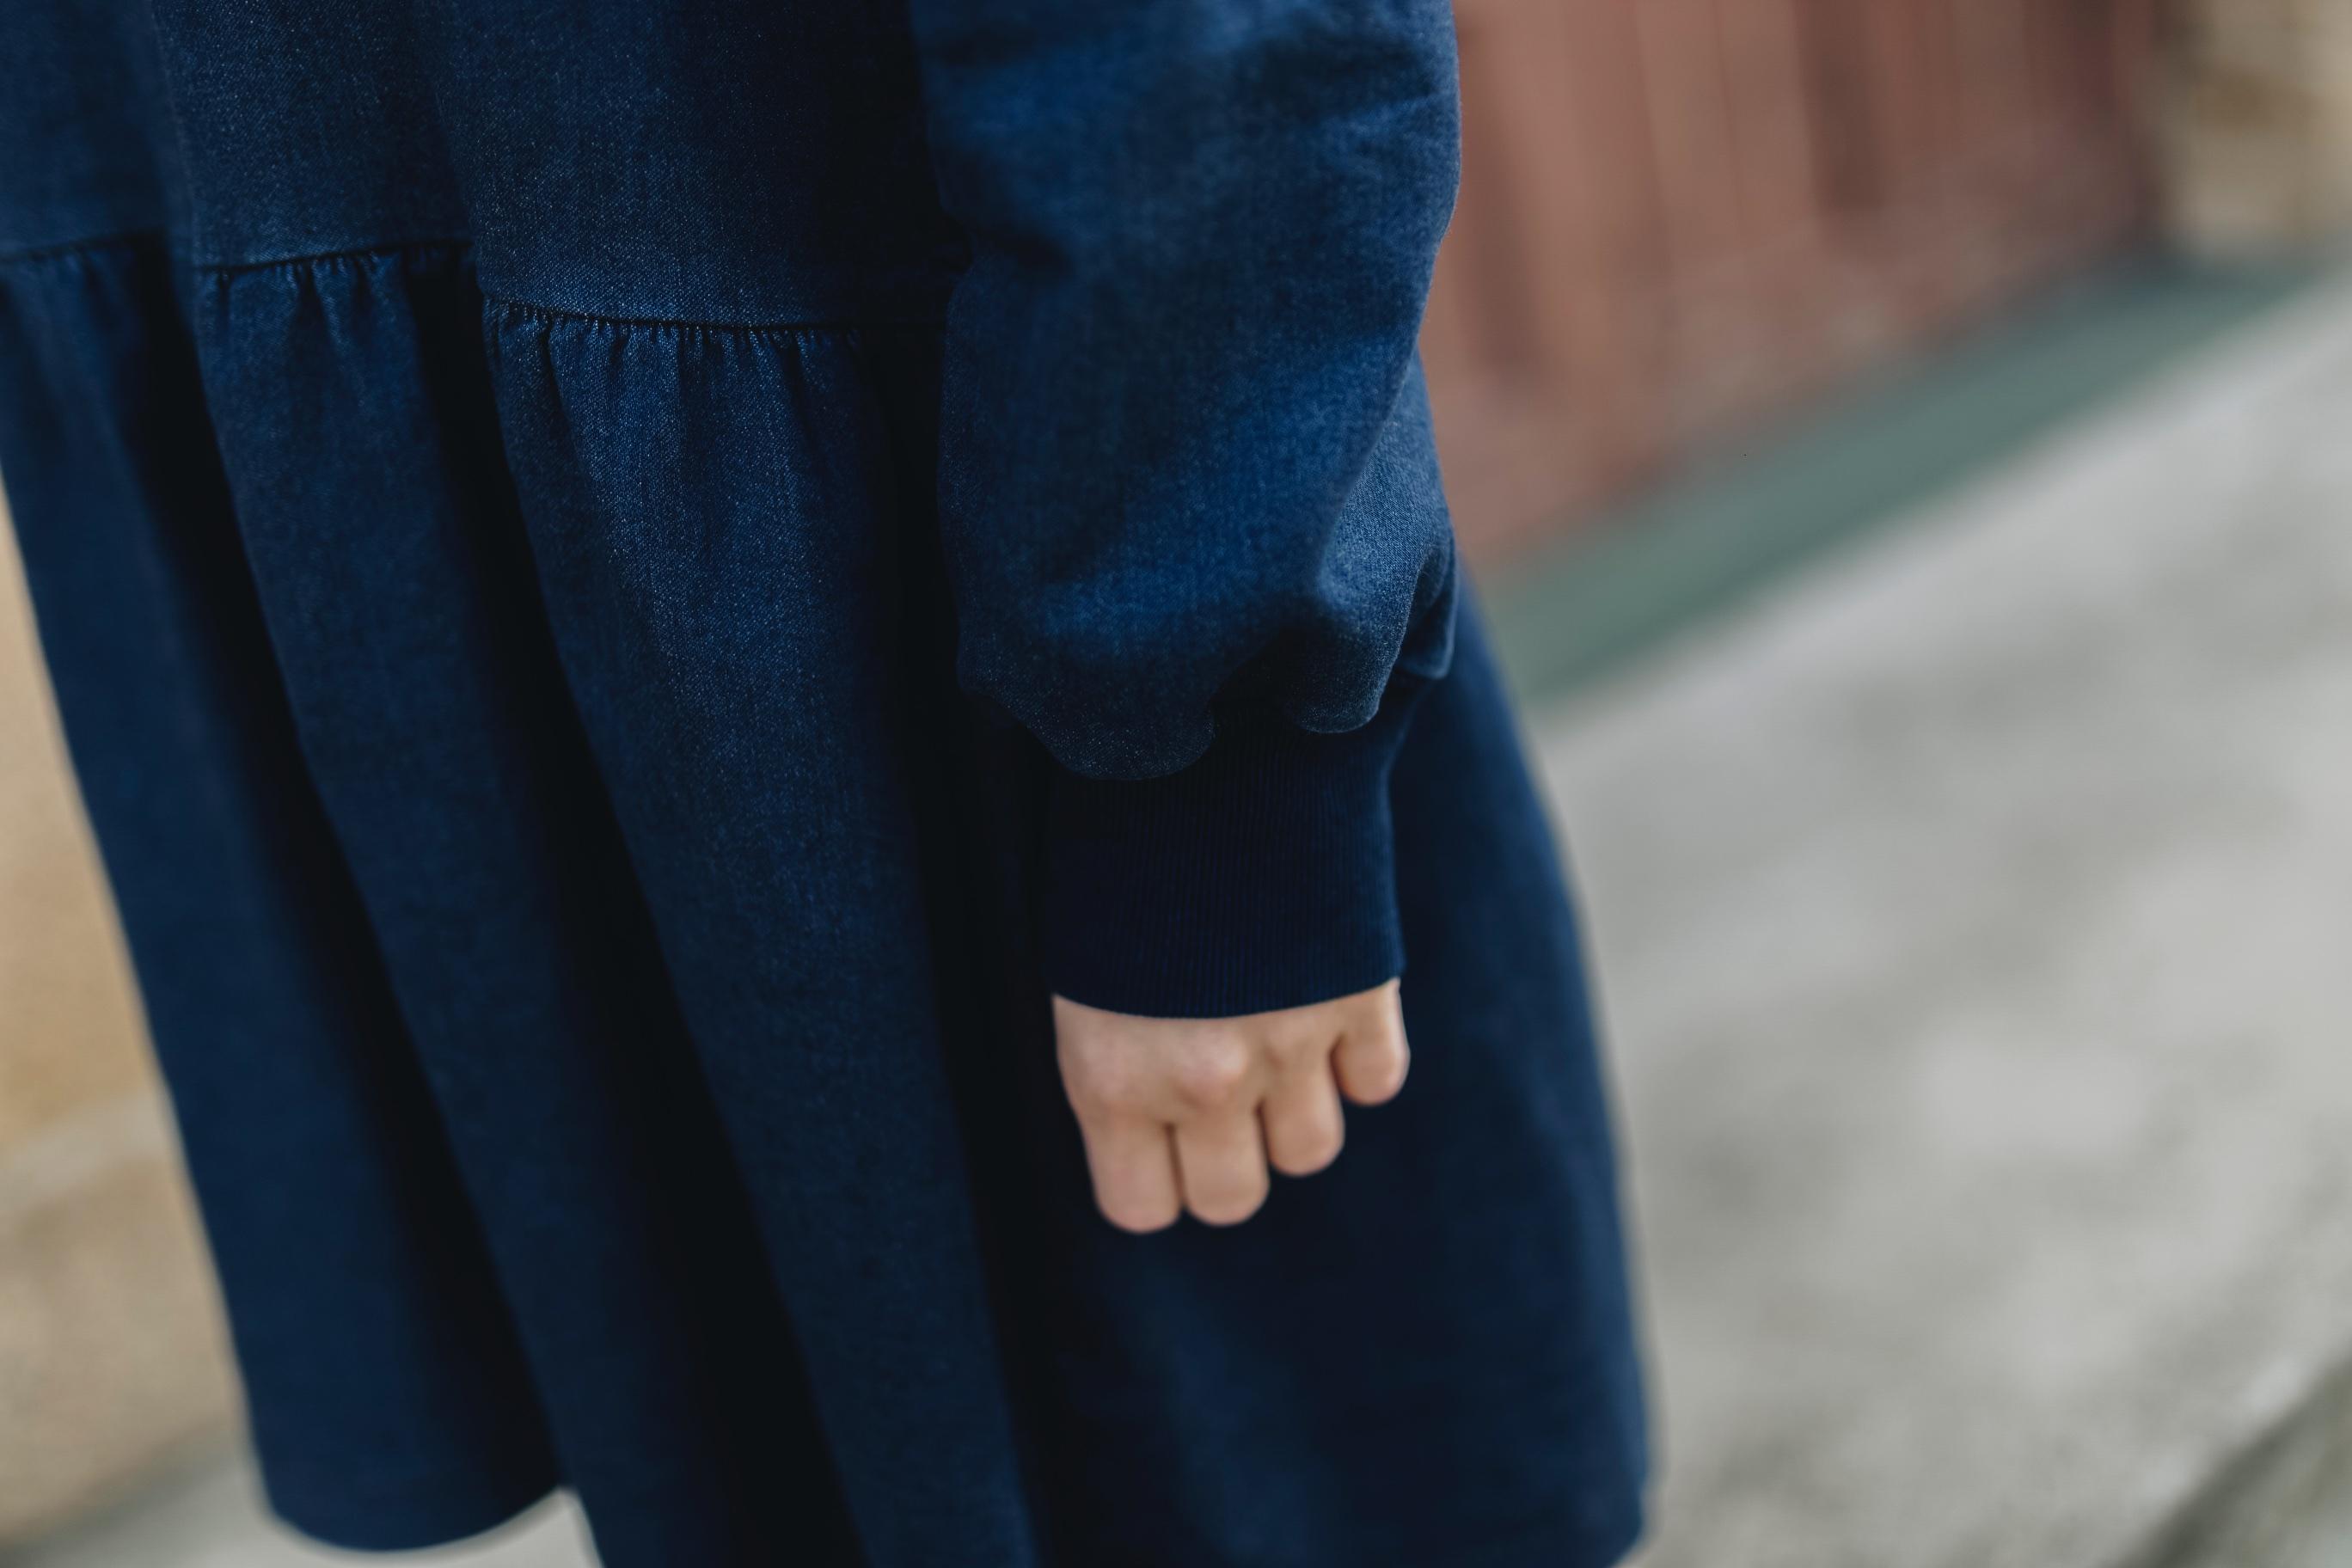 vestido vaquero-zara-fashion-blogger-coruña-descalzaporelparque